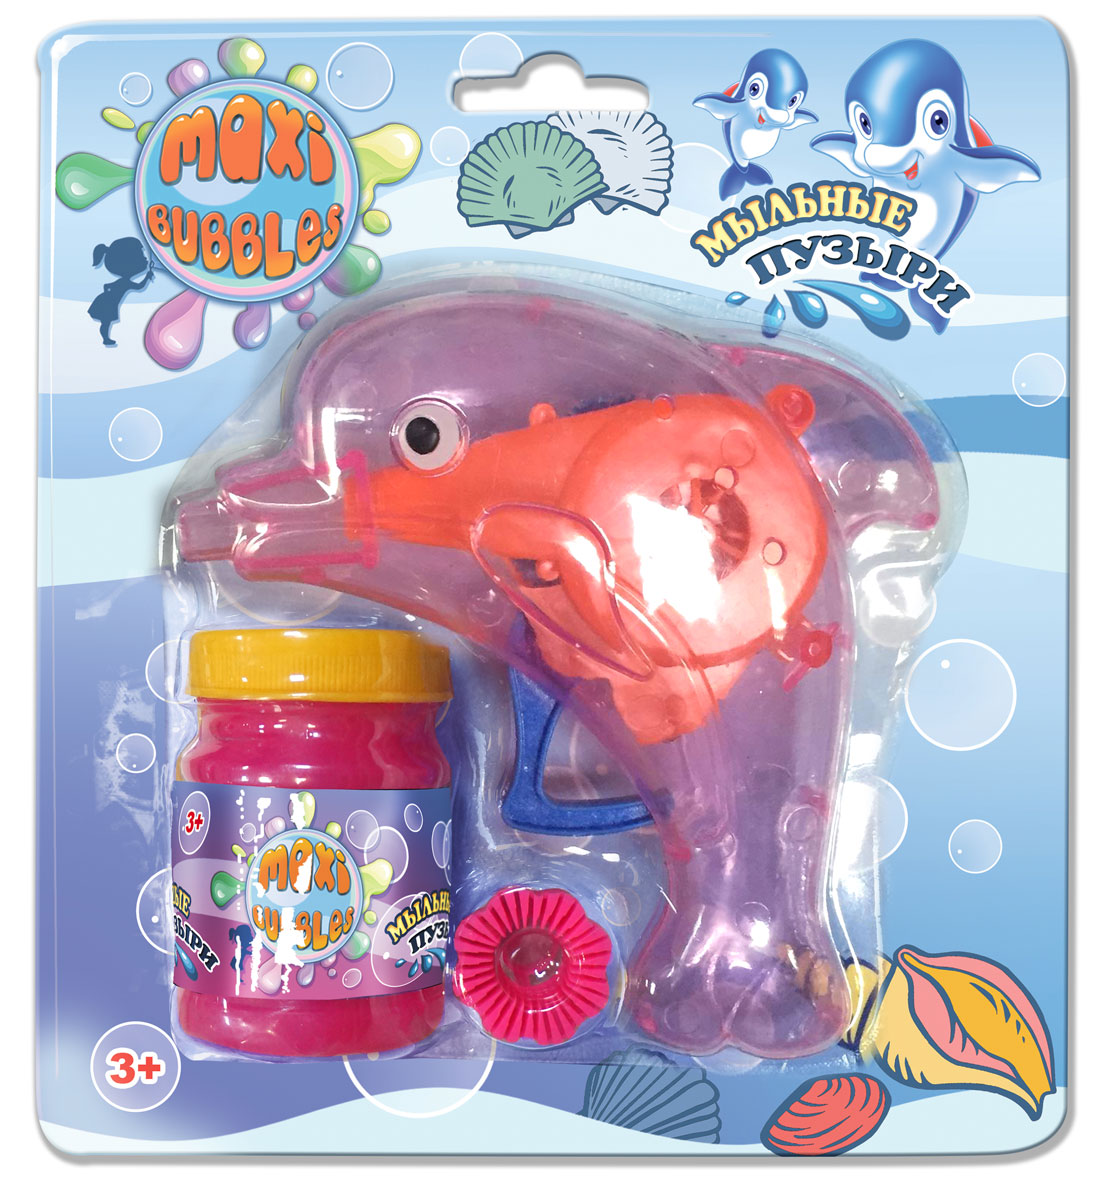 Maxibubbles Мыльные пузыри Рыбка 45 мл игрушка sport elite мыльные пузыри ассорти 50ml a001 28262897